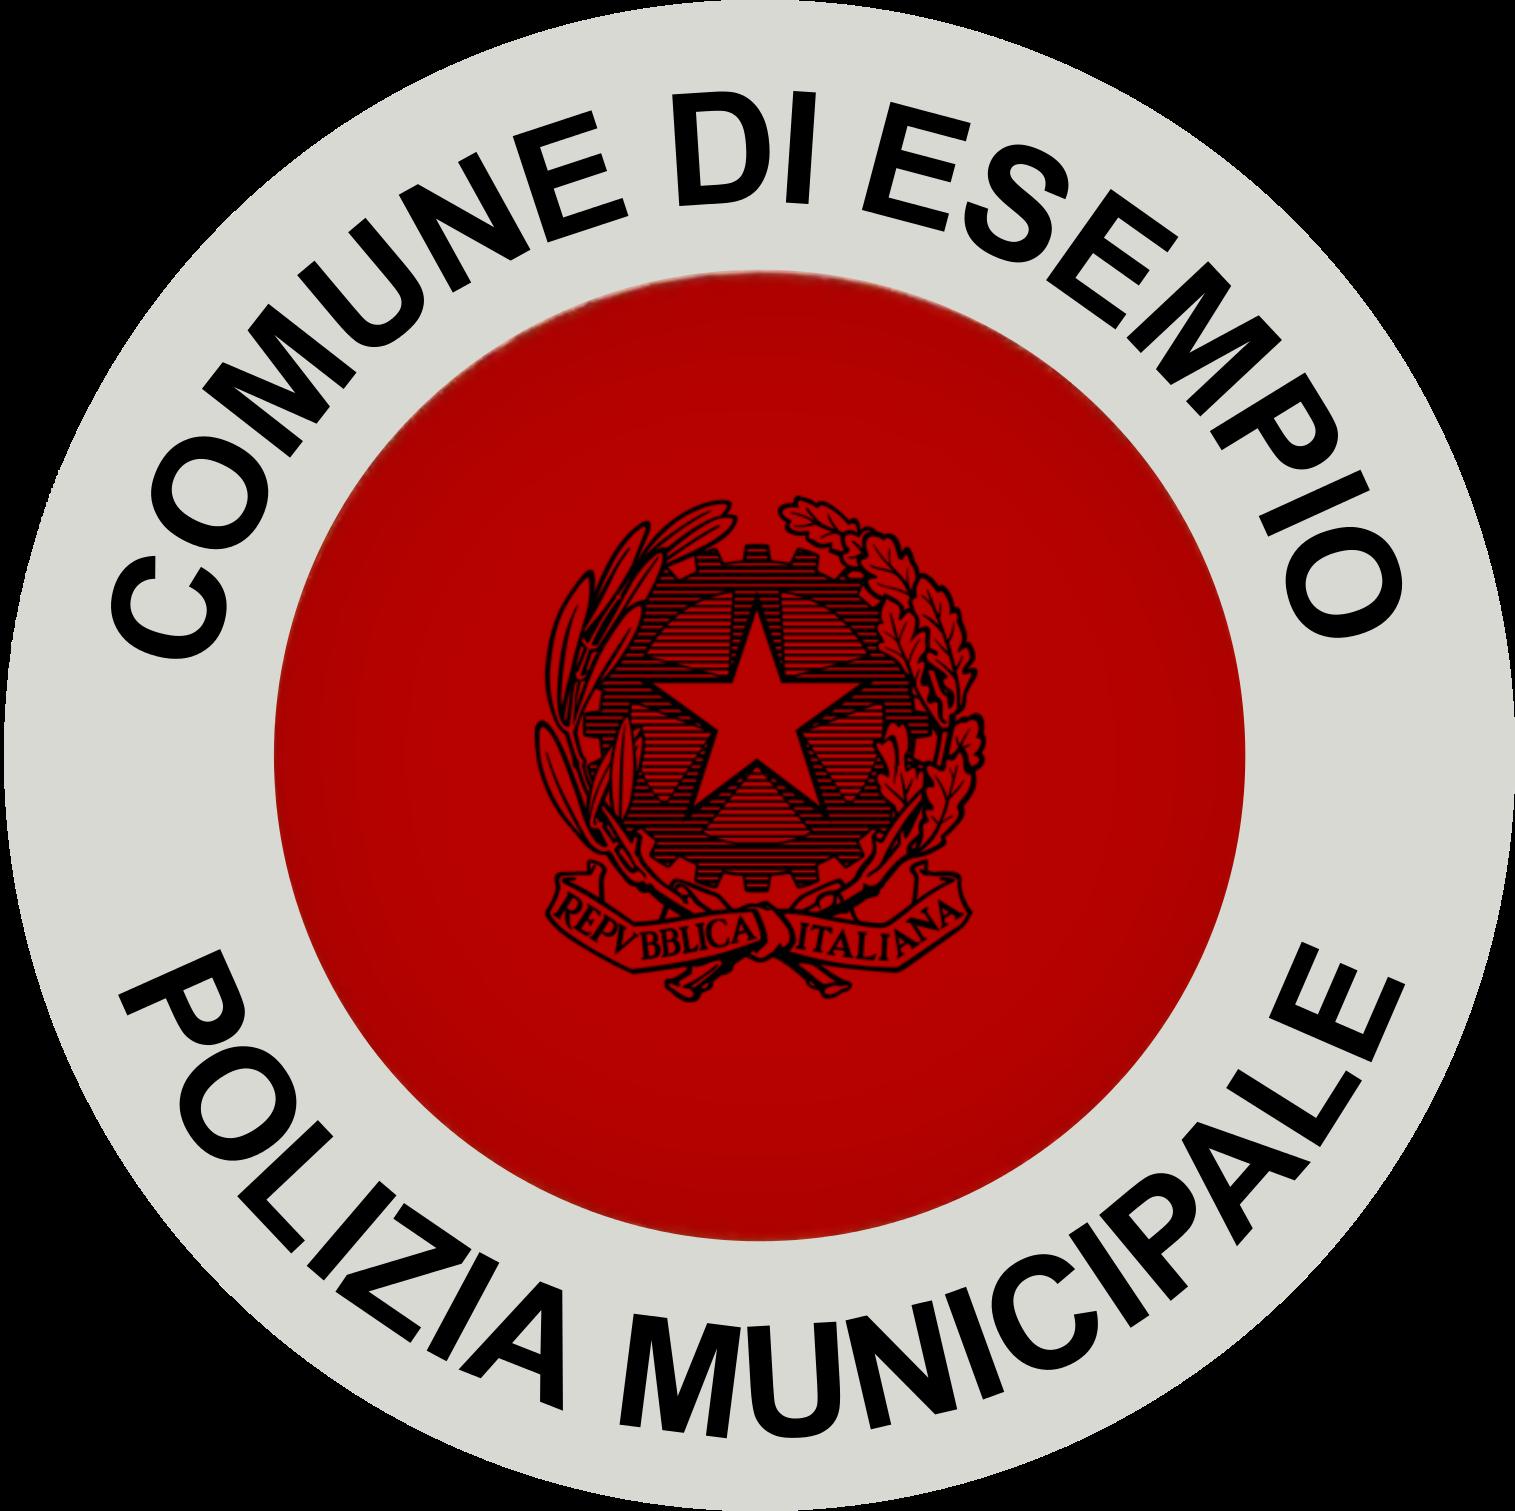 polizia municipale wikipedia